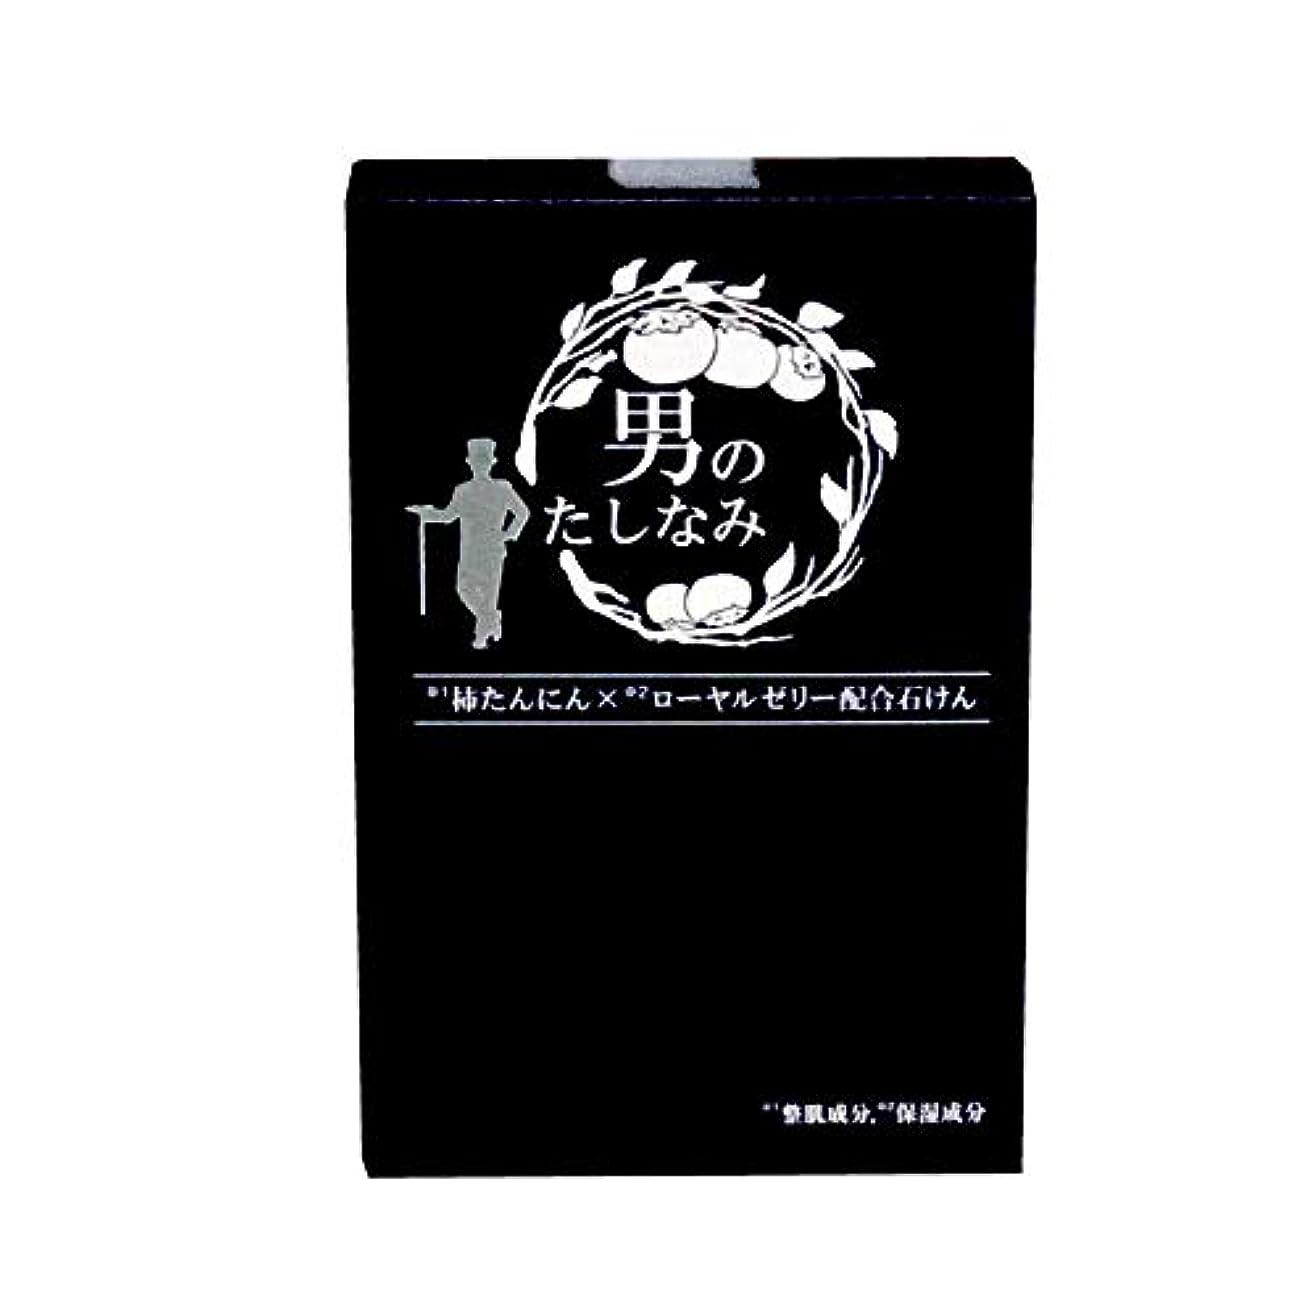 ブラウスバケット奪う初回 お試し品 柿渋石鹸 男のたしなみ (100g)